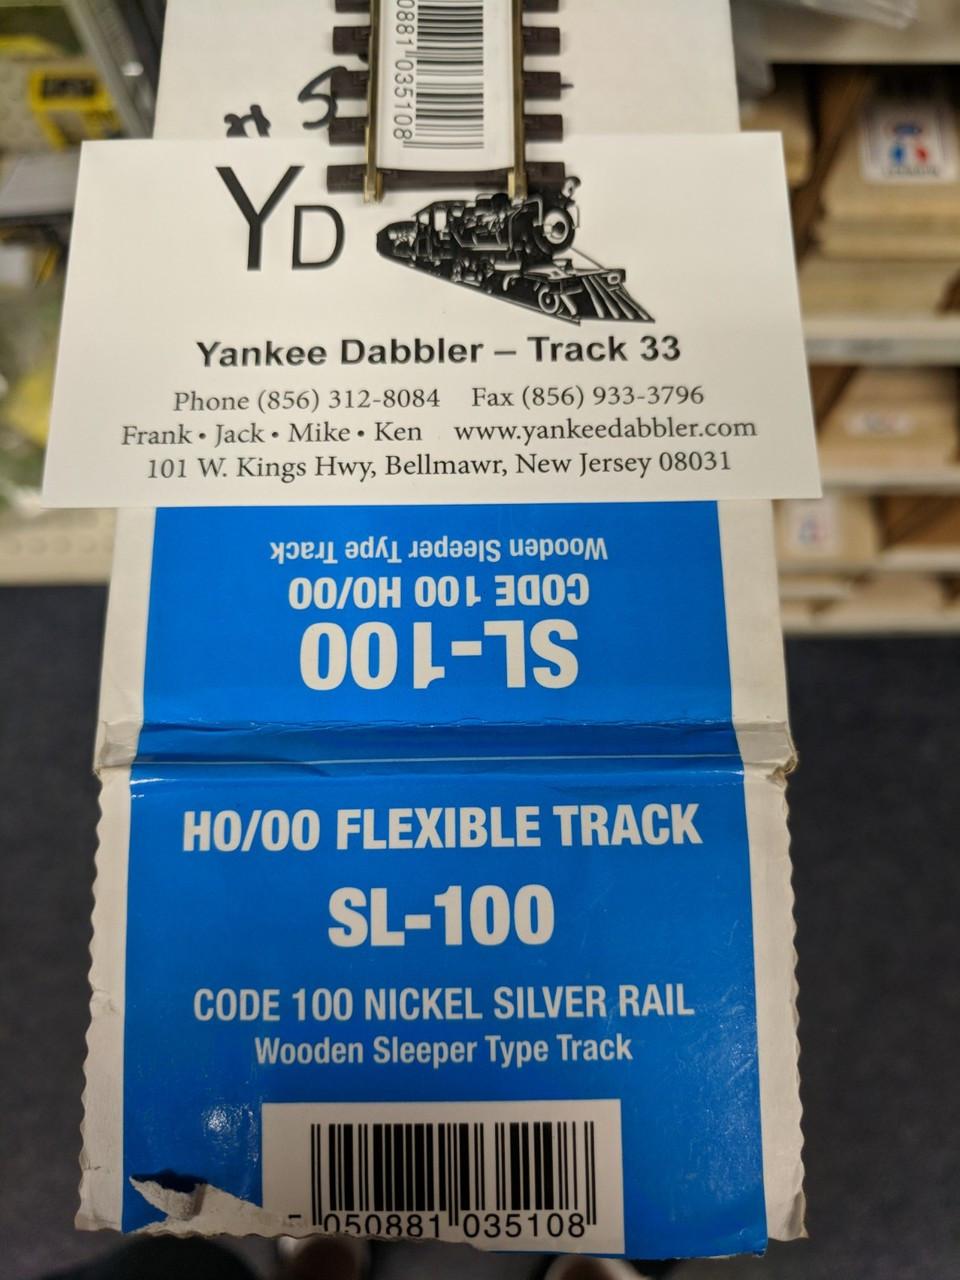 SL-100-25 Peco / SL-100-25 pieces HO Flex Track 36 in Wood Tie Nickel Silver Code 100  each (SCALE=HO ) P Part # PCO-SL-100-25